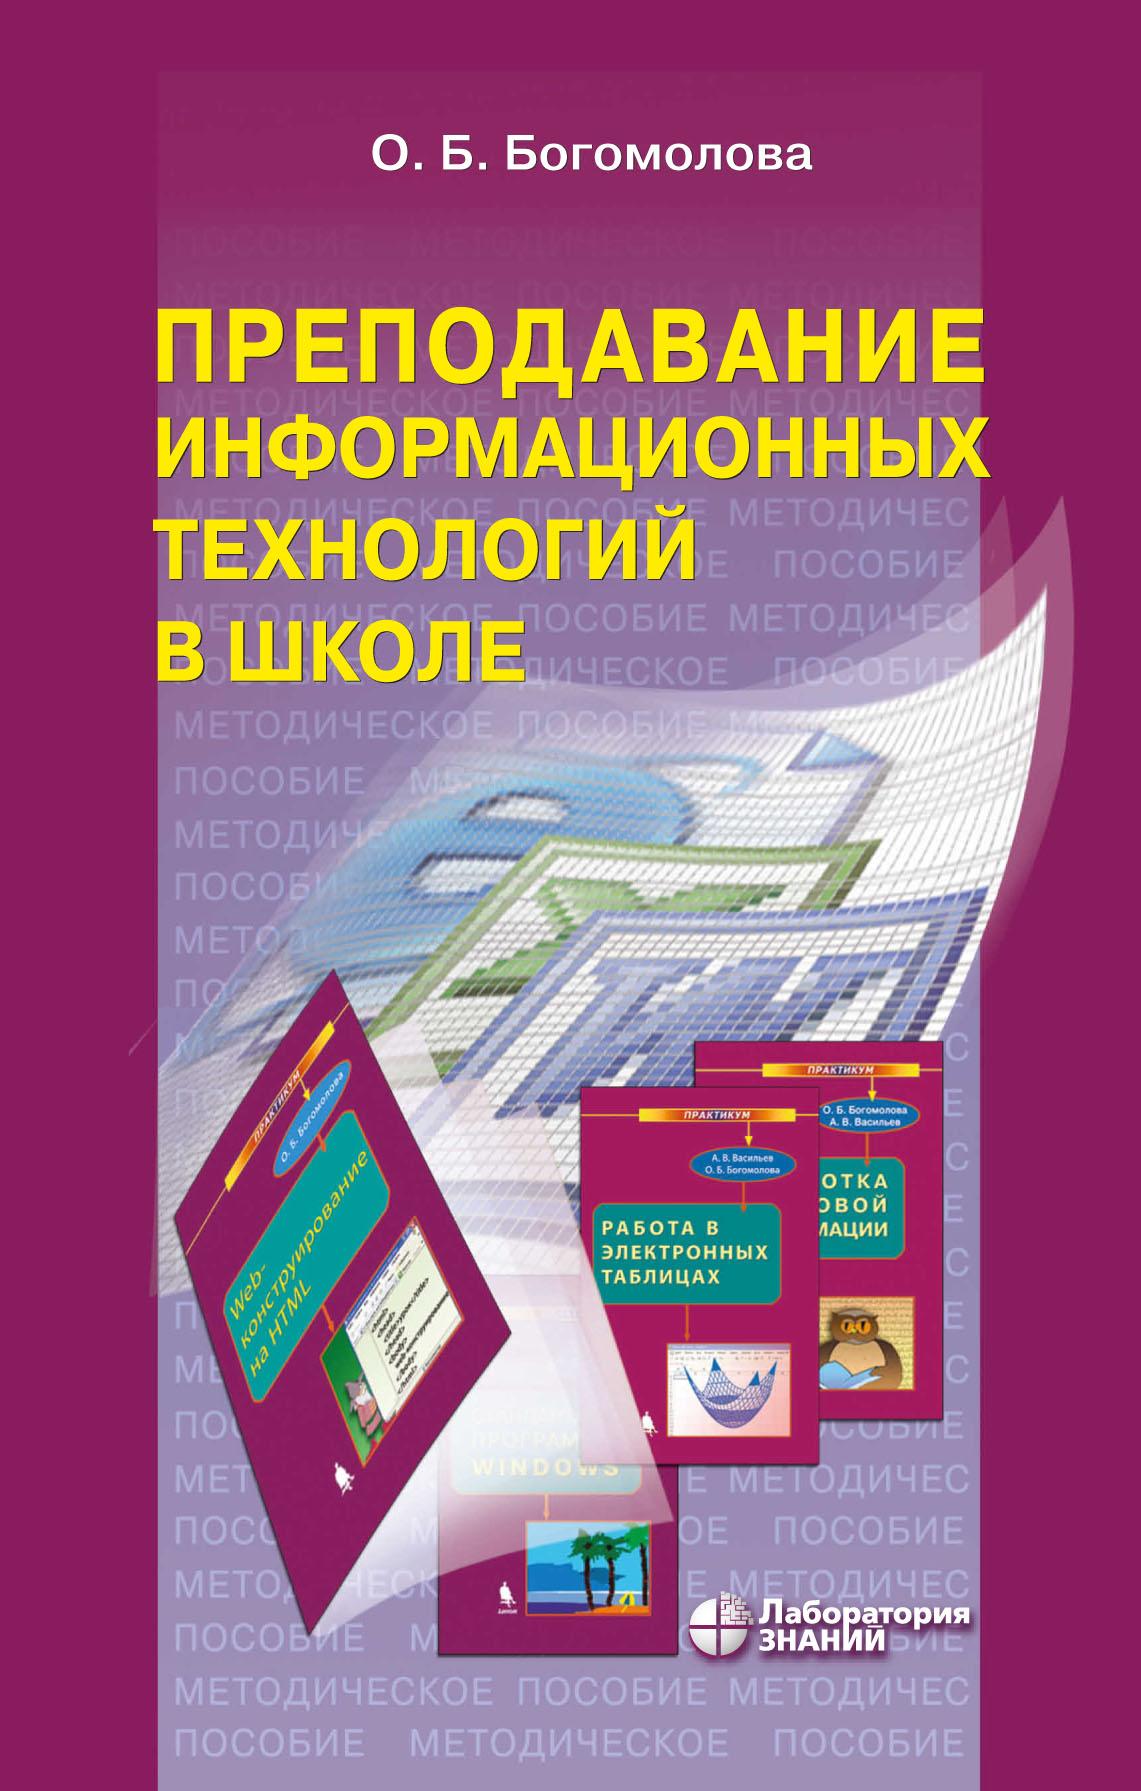 О. Б. Богомолова Преподавание информационных технологий в школе